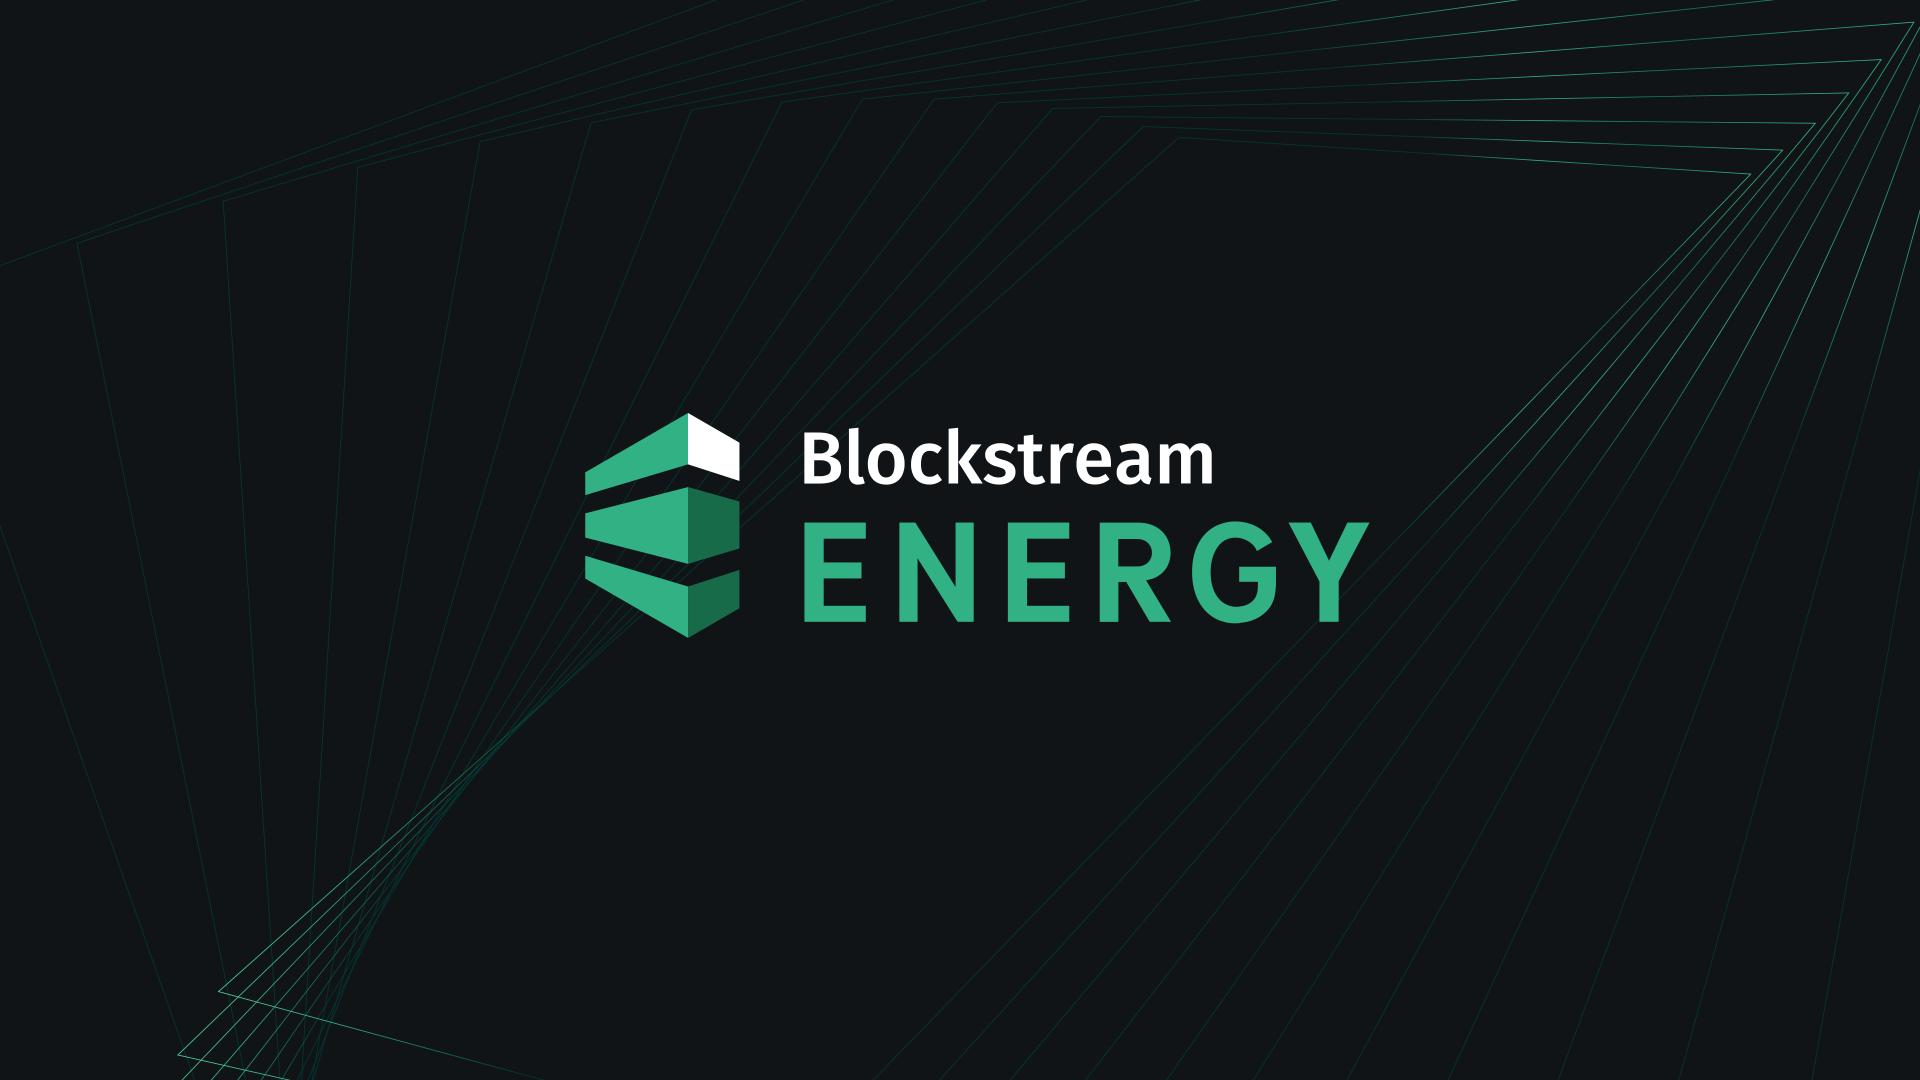 Incentivizing Renewable Energy Use with Blockstream Energy